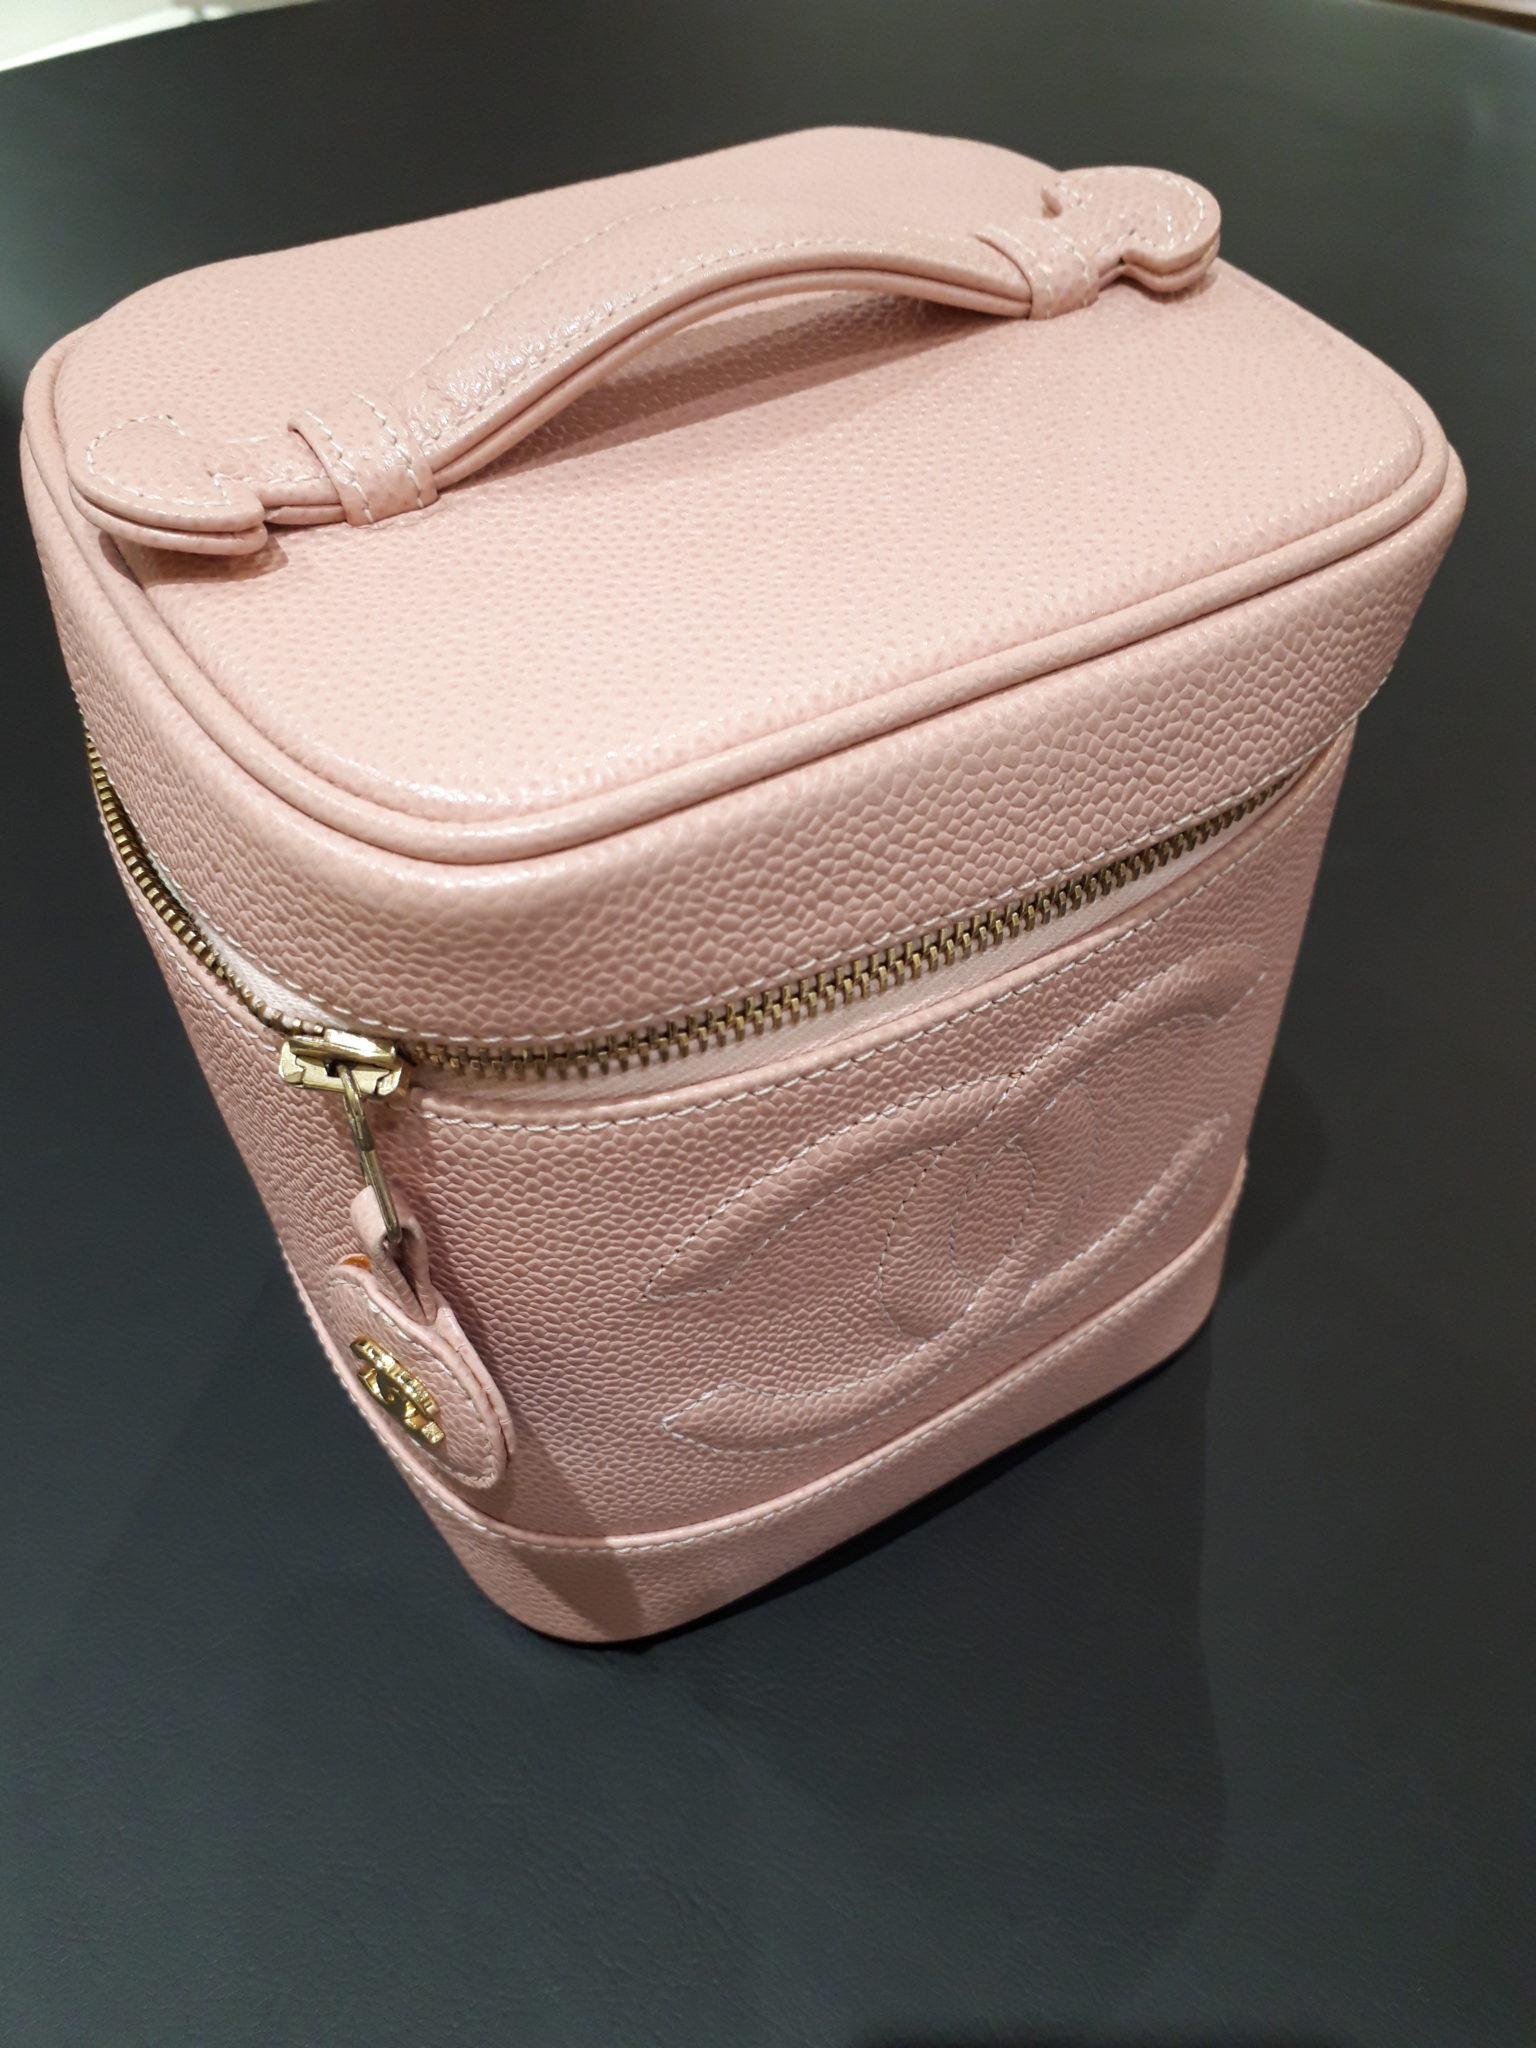 【シャネルキャビアスキン バニティーバッグ A01998】を盛岡市のお客様よりお買取させていただきました。